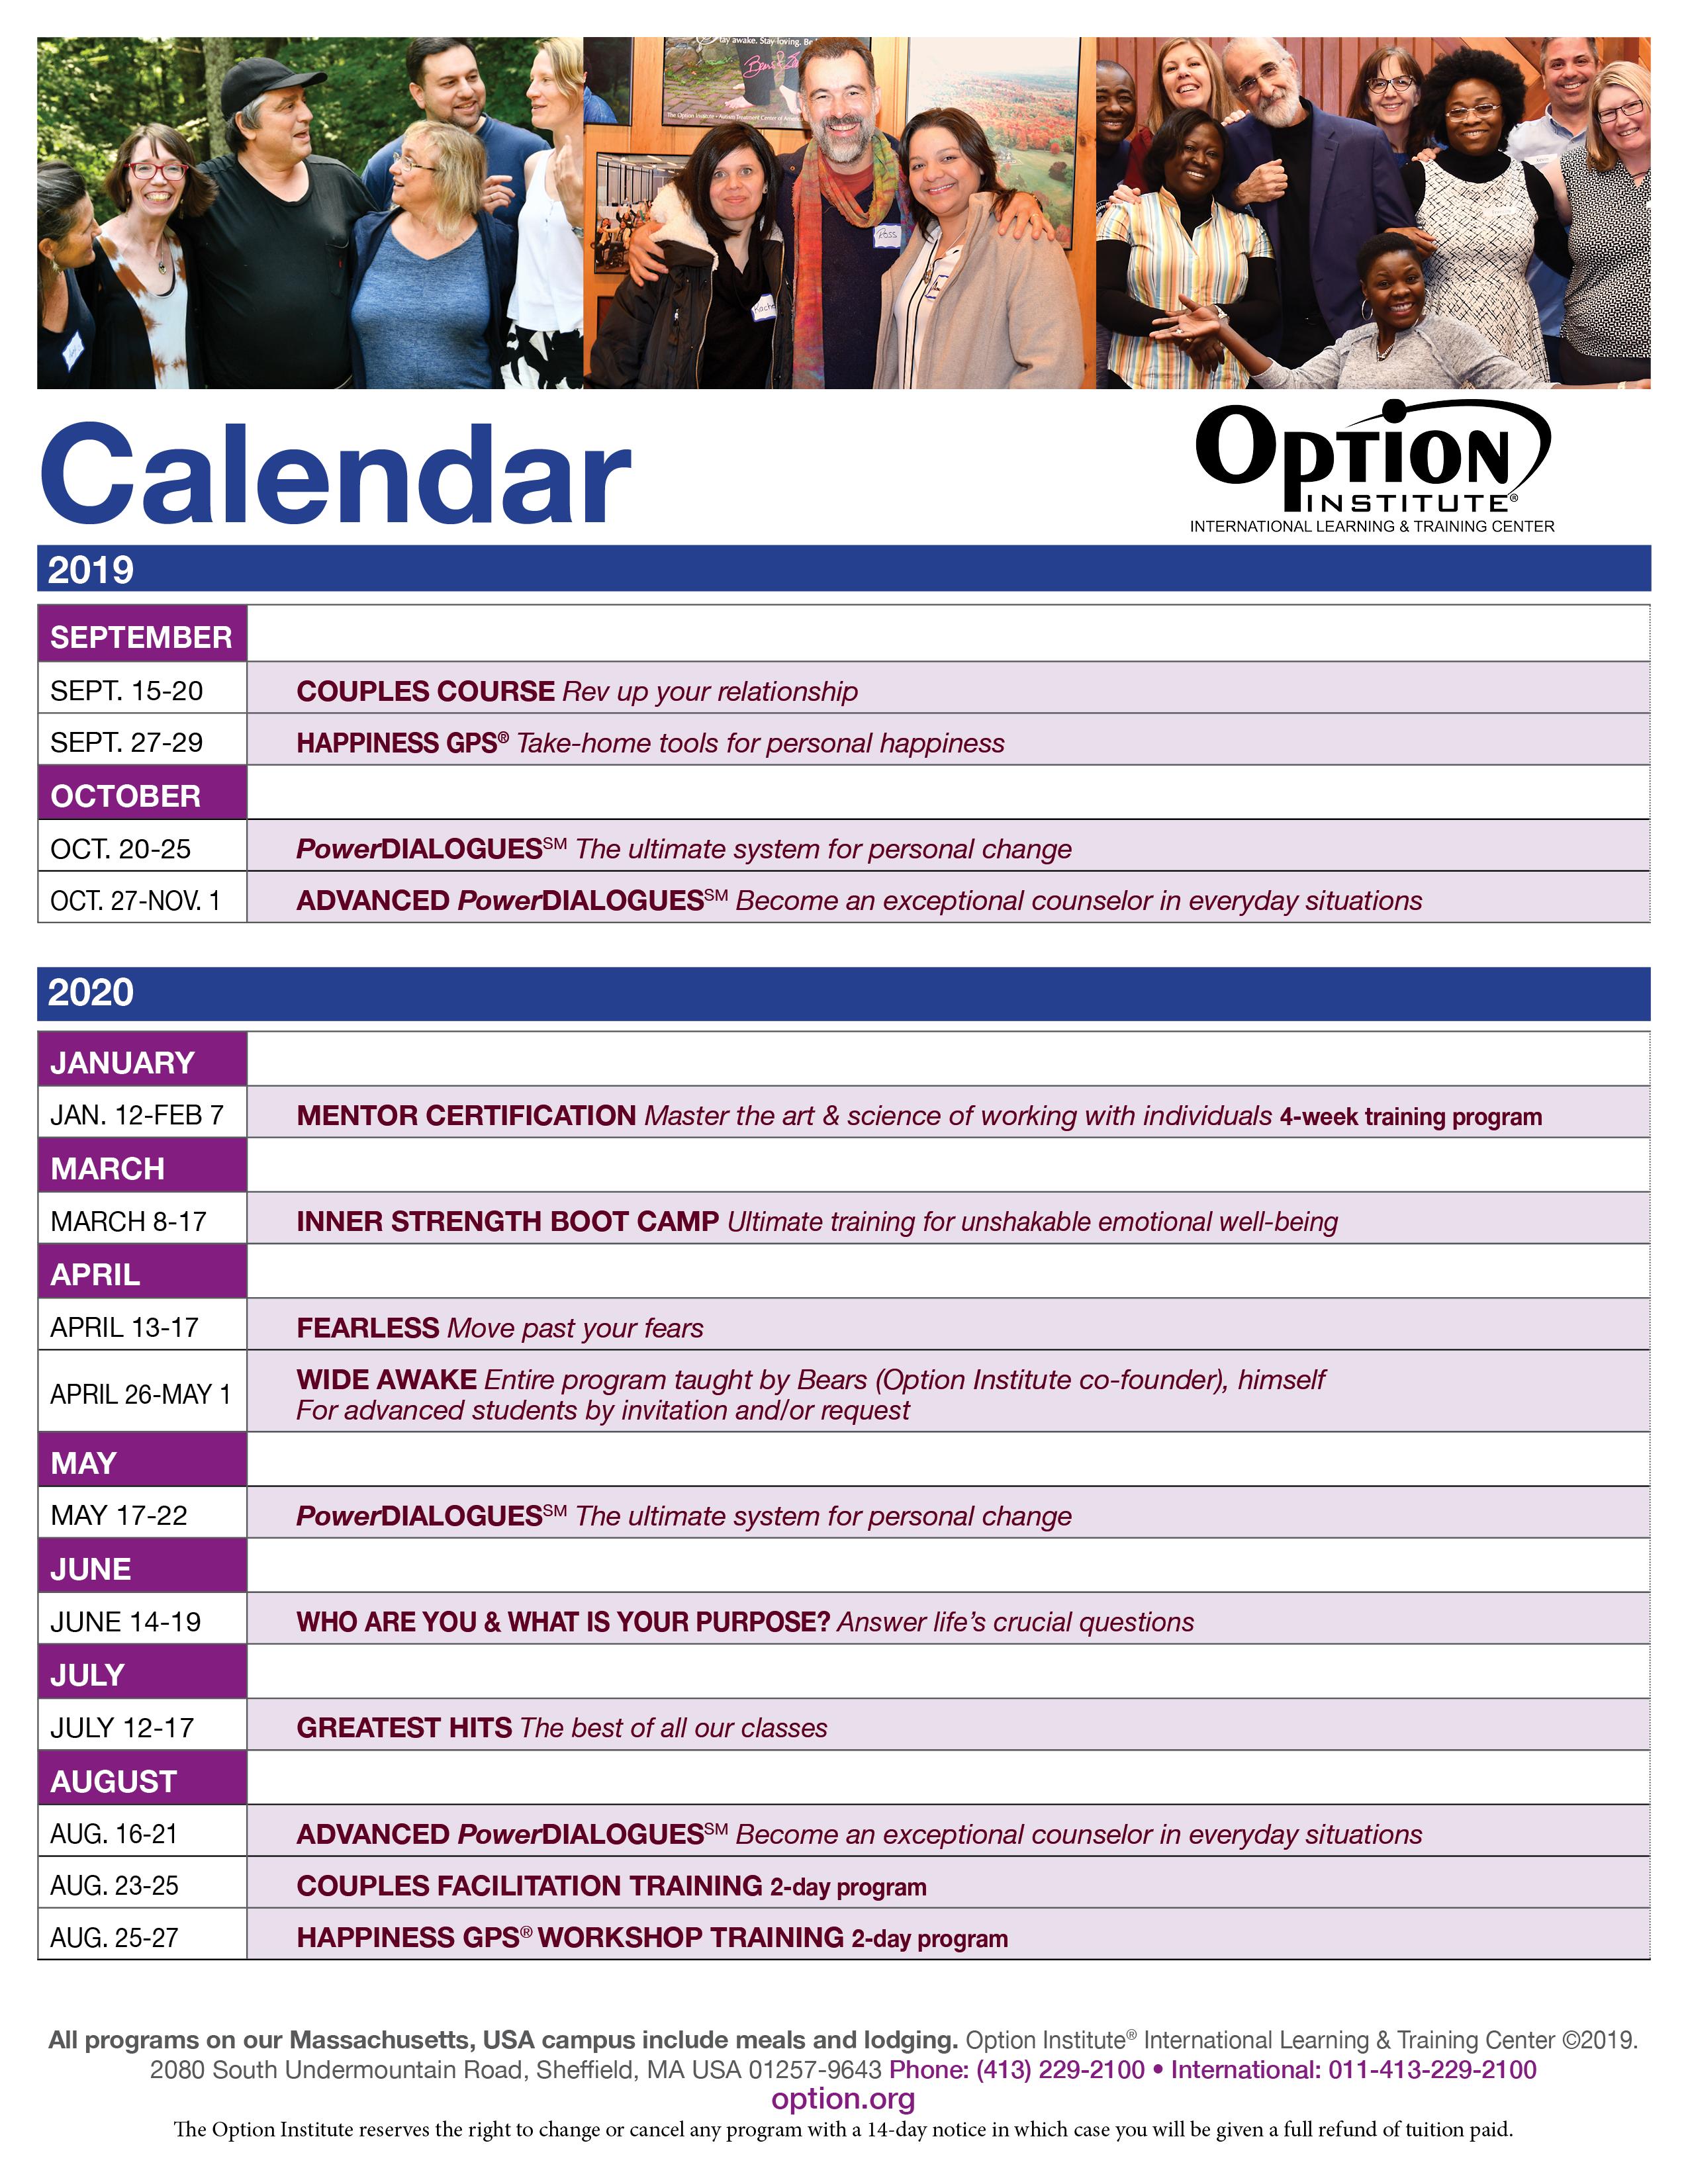 Events In Massachusetts August 25 2020.Option Institute Printable Program Calendar